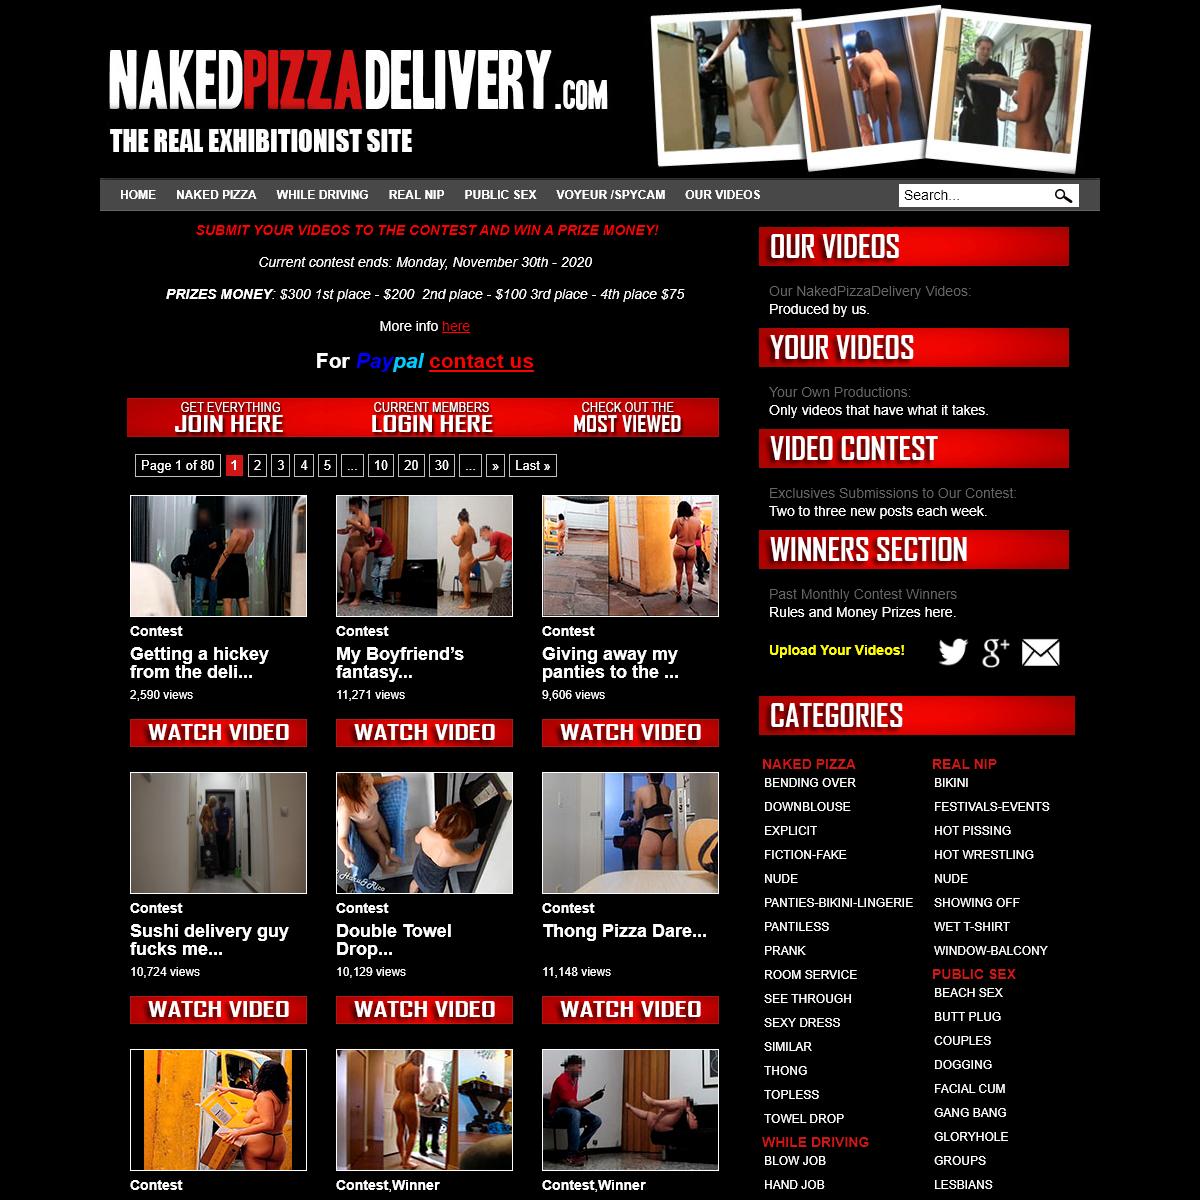 A complete backup of nakedpizzadelivery.com